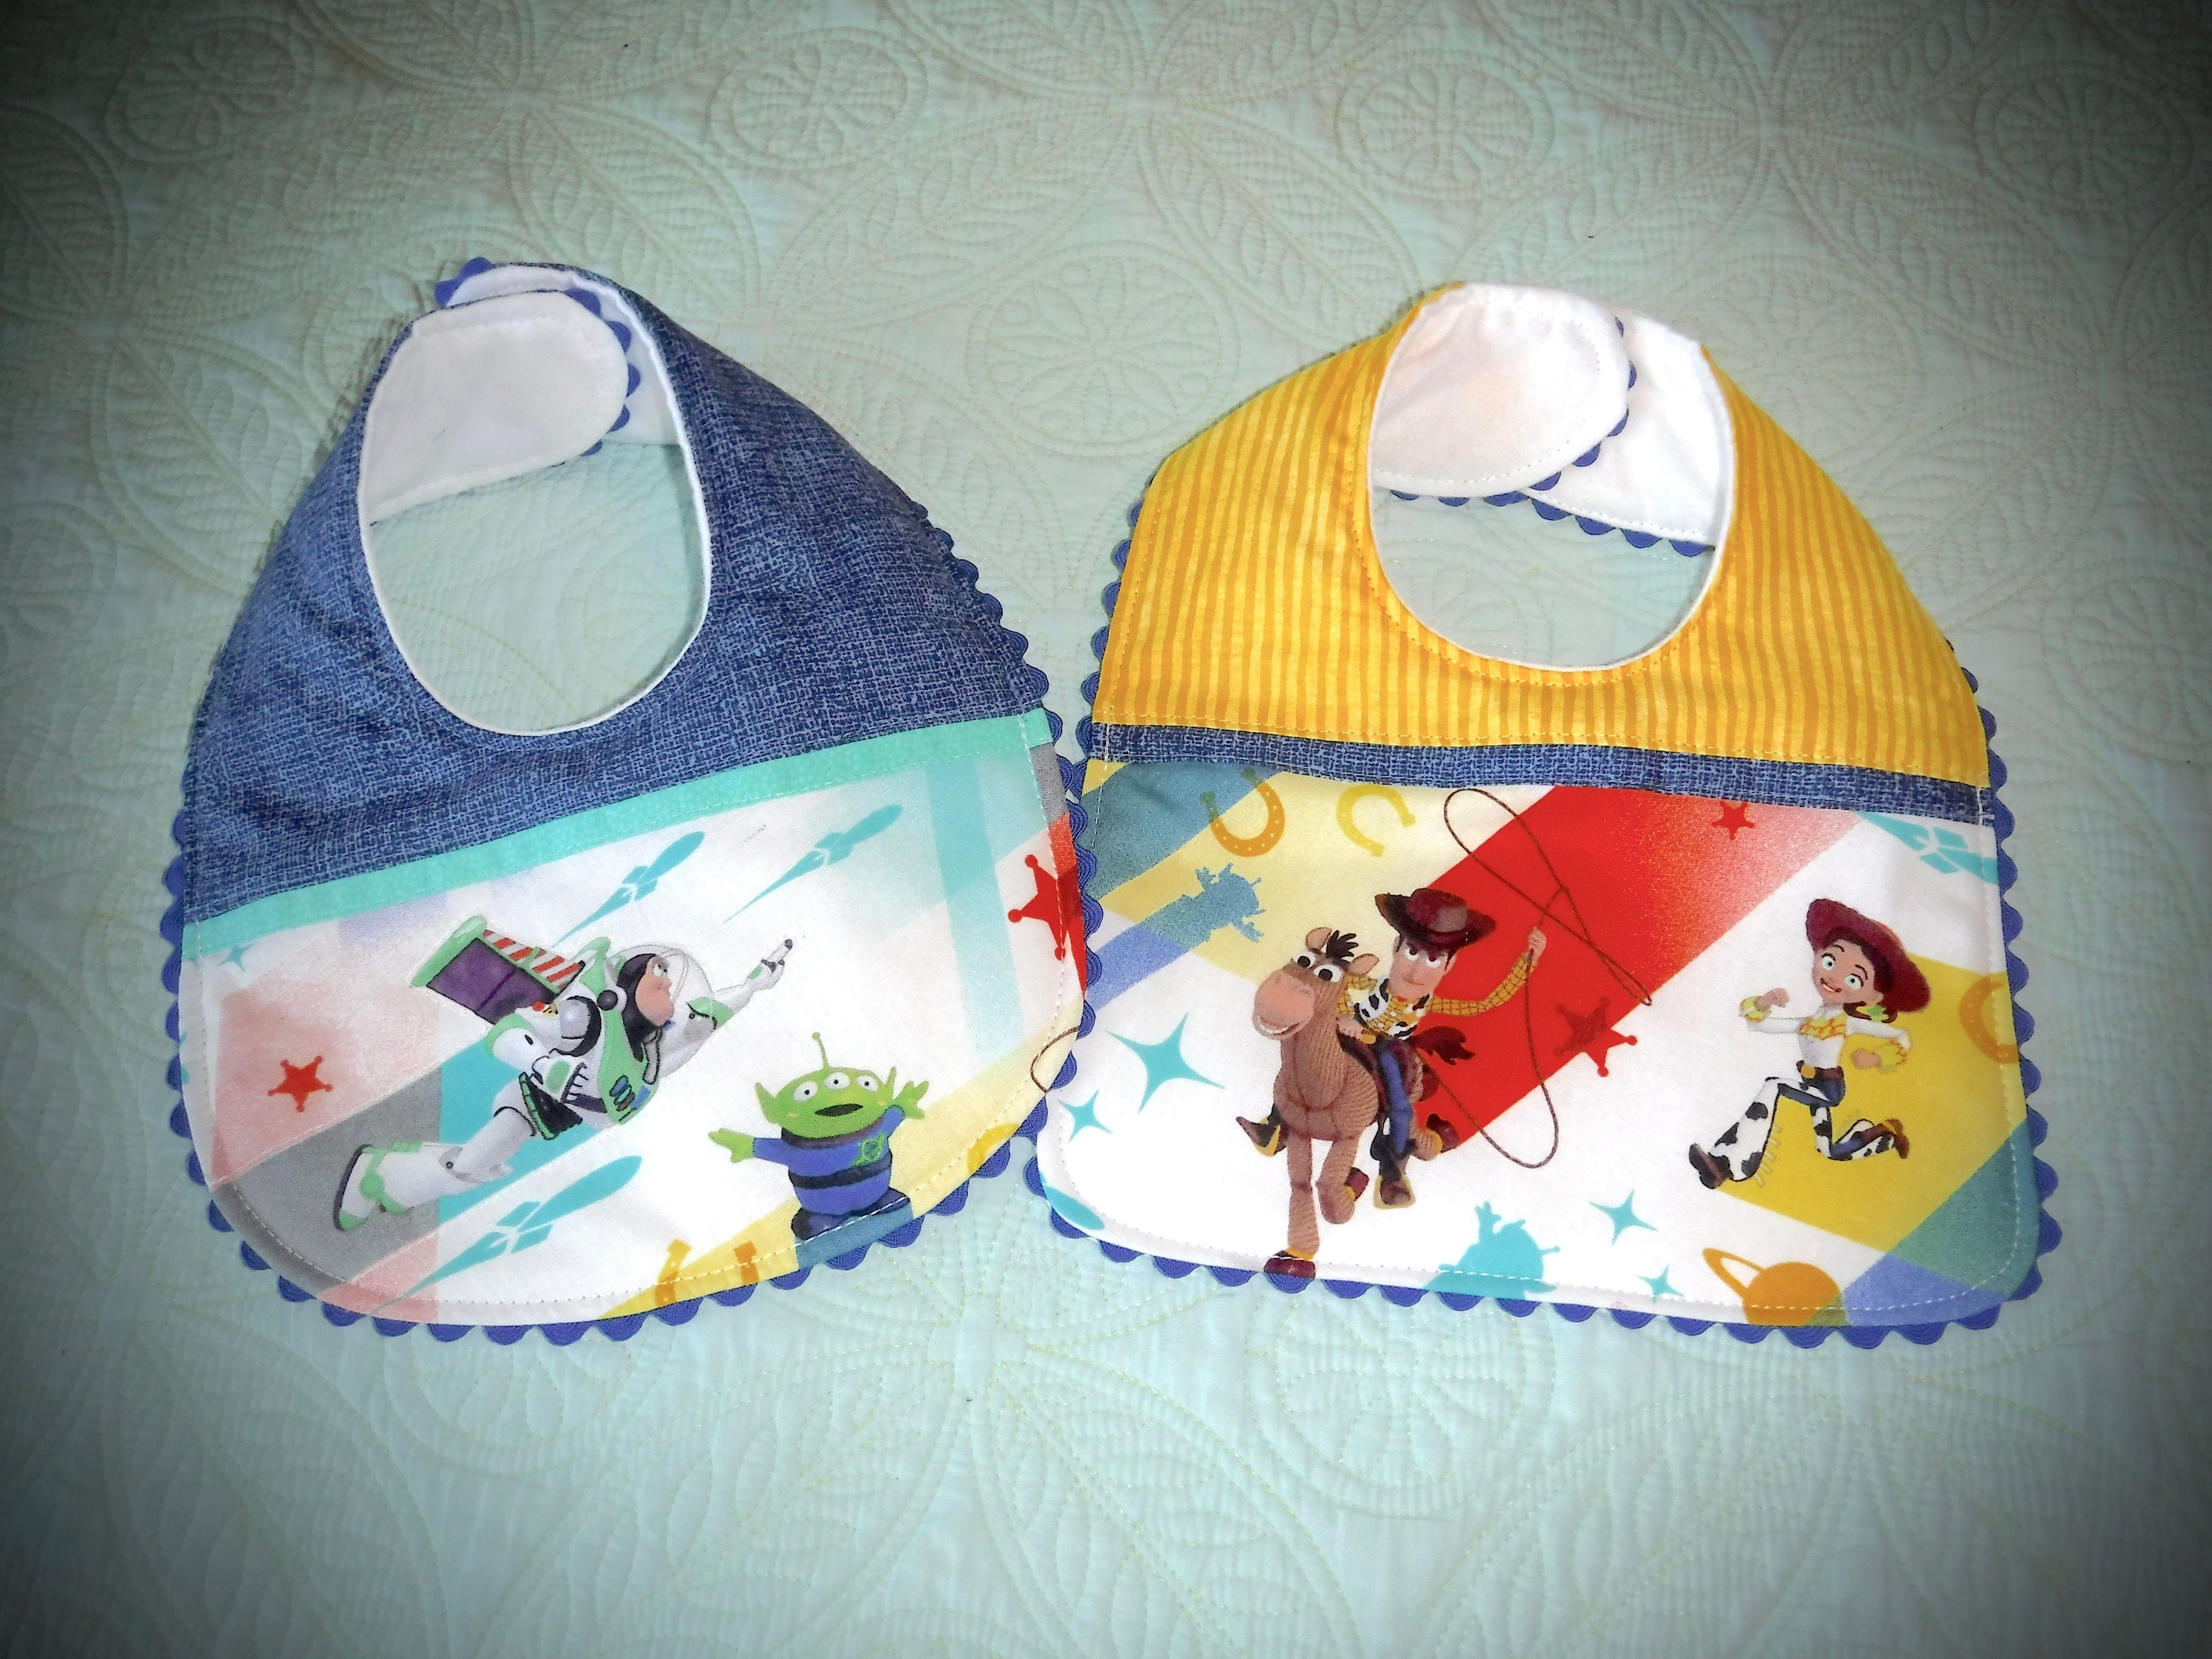 Buzz Space Alien And Woody Jessie Baby Bibs Baby Bibs Bibs